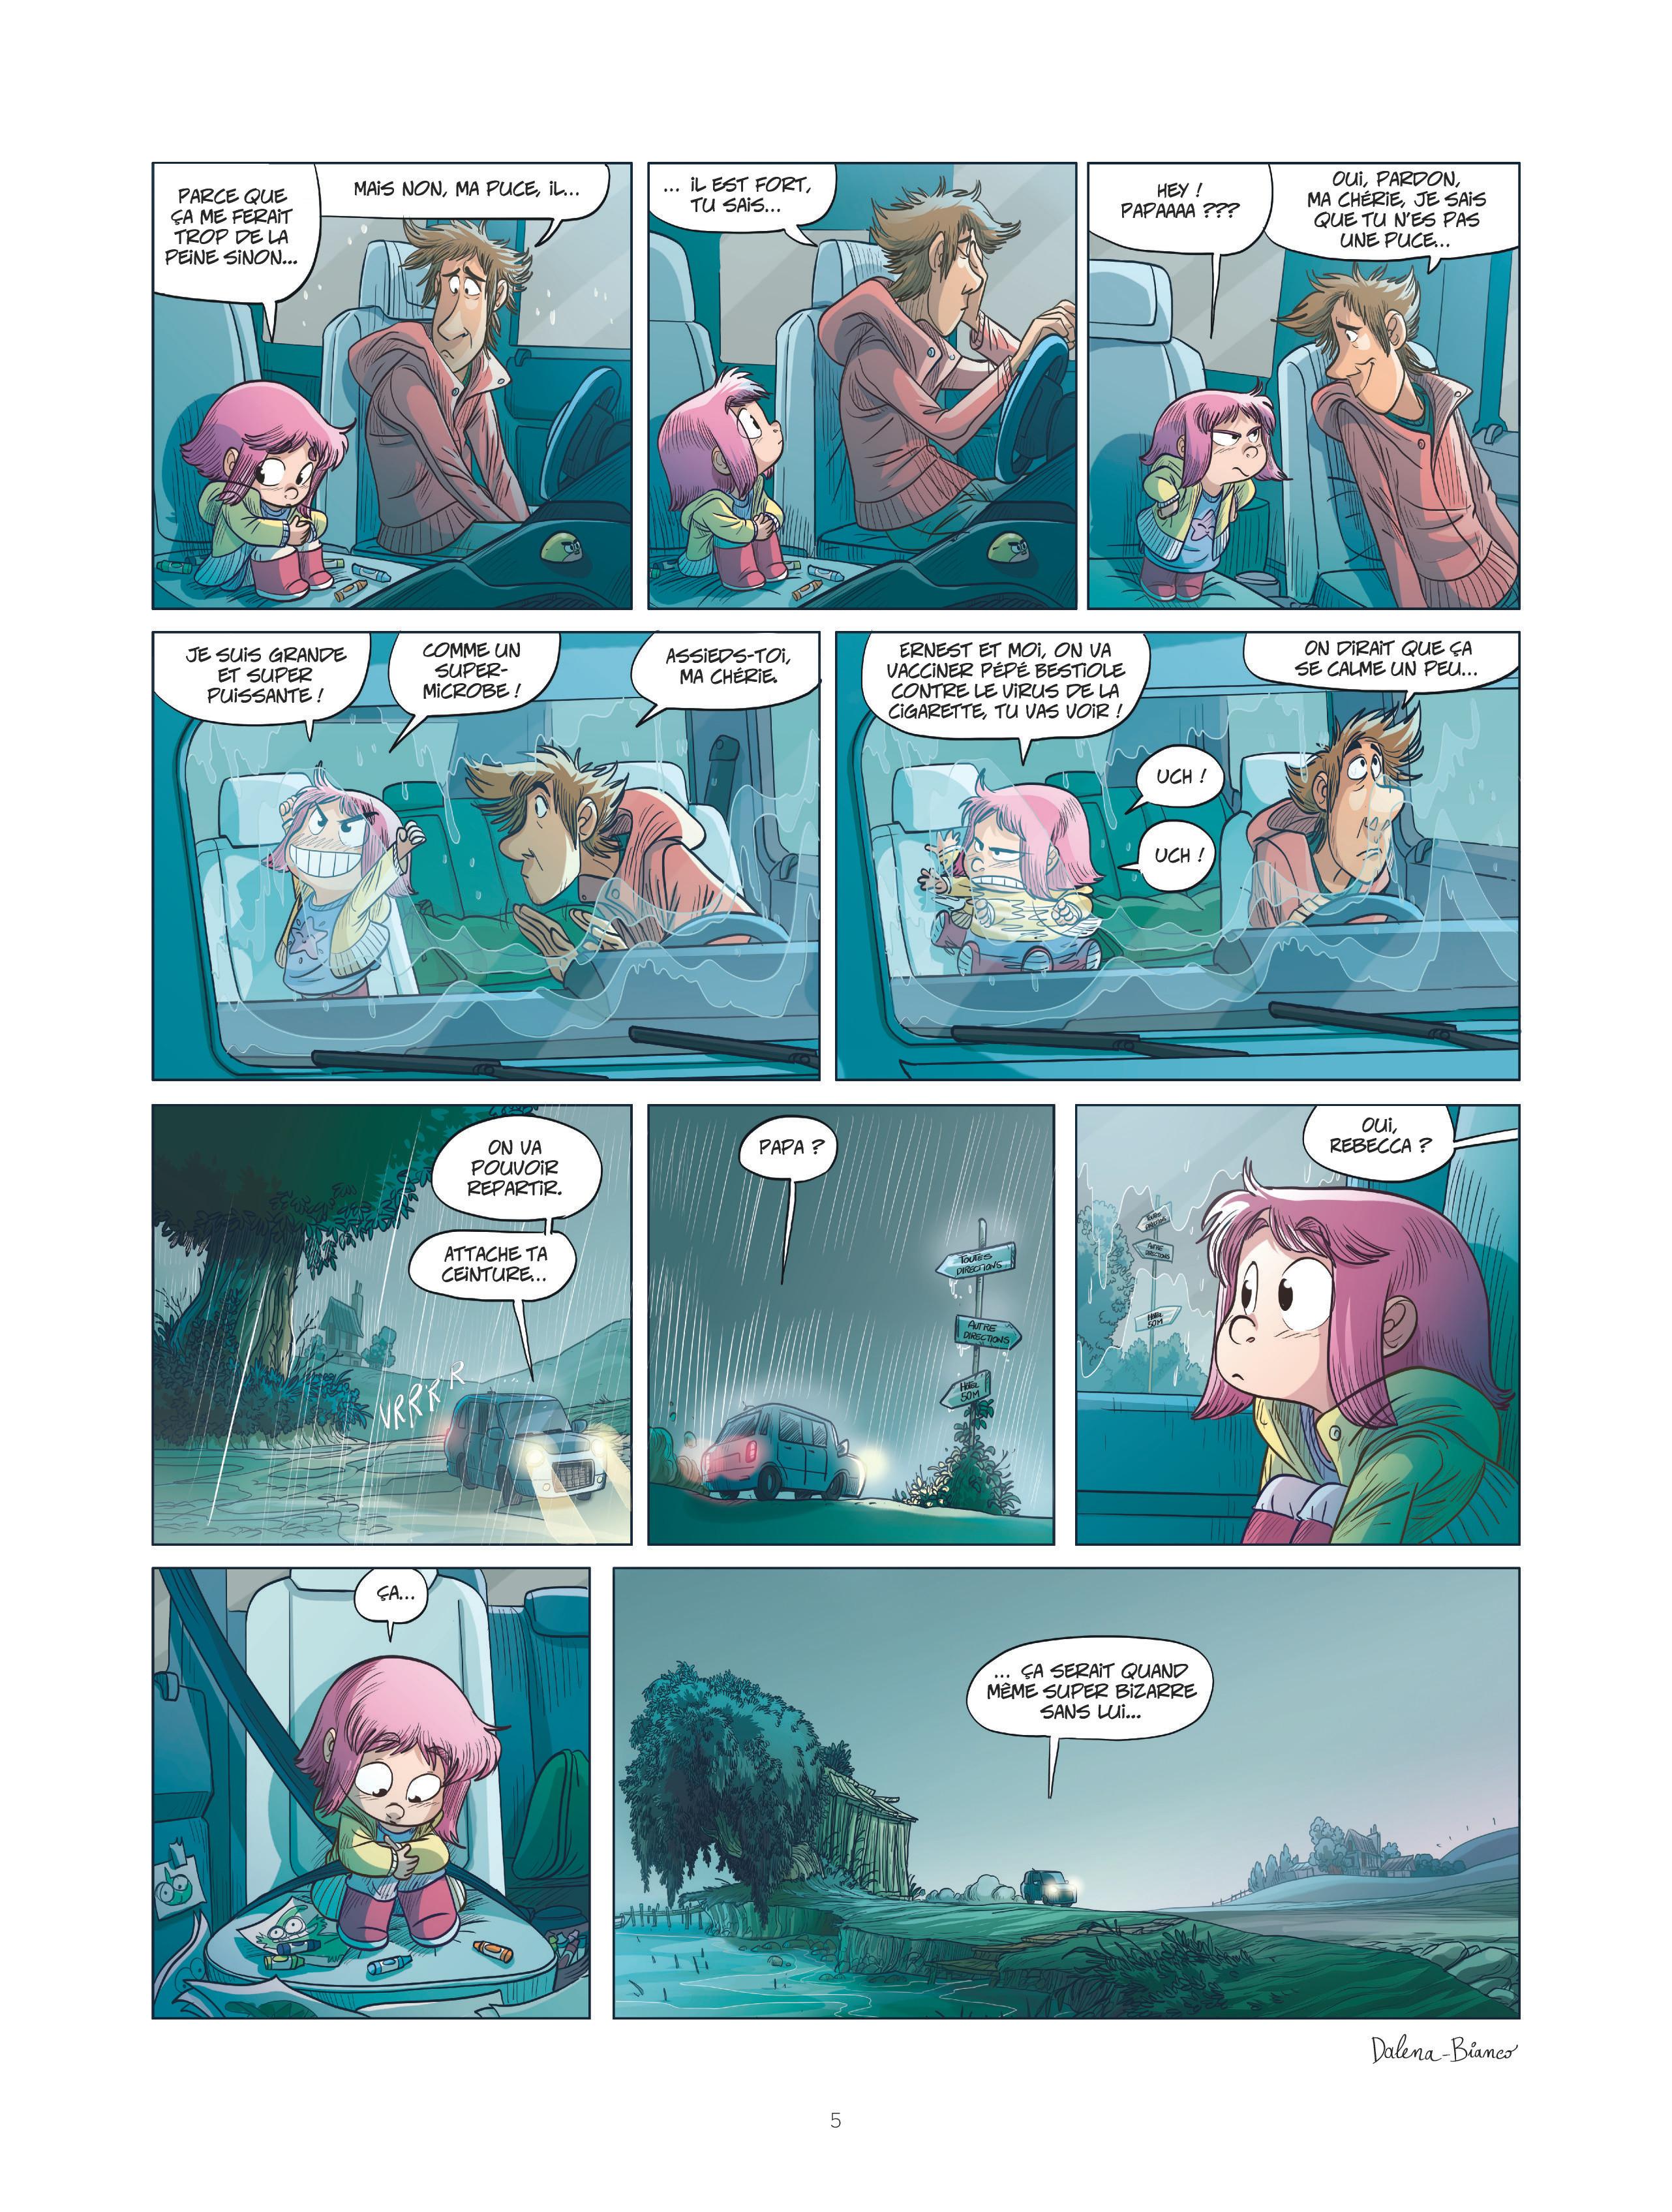 Ernest&Rebecca#6_Page 5